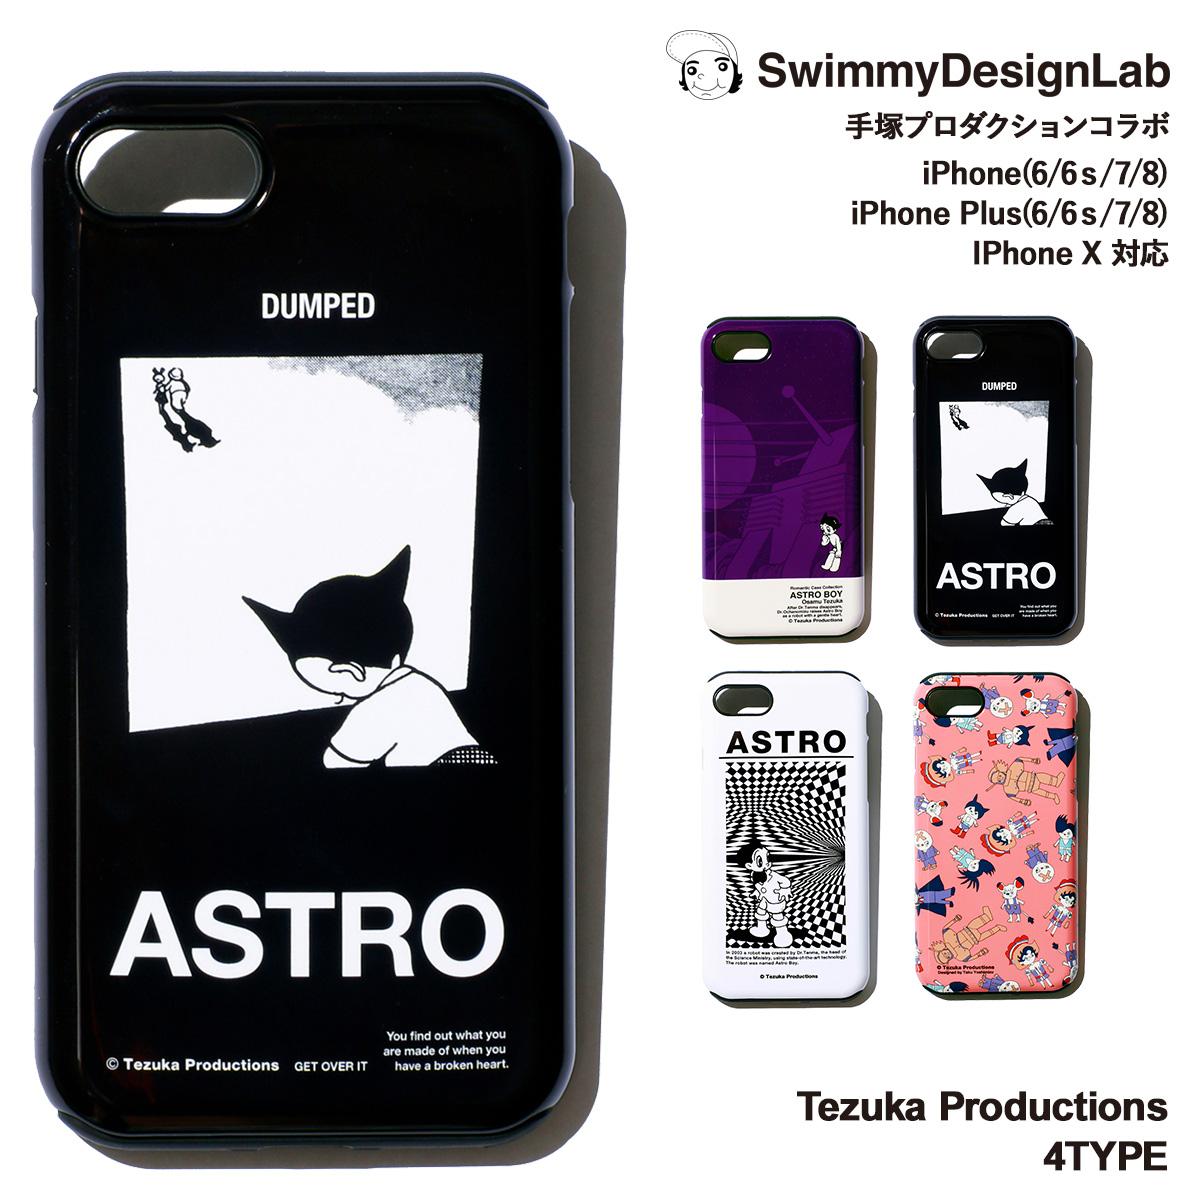 iPhone X iPhone8 SE iPhone 7 iPhone 6s iPhone 6 Plus ケース スマホ 携帯 アイフォン スマートフォン 手塚プロダクション コラボ Swim